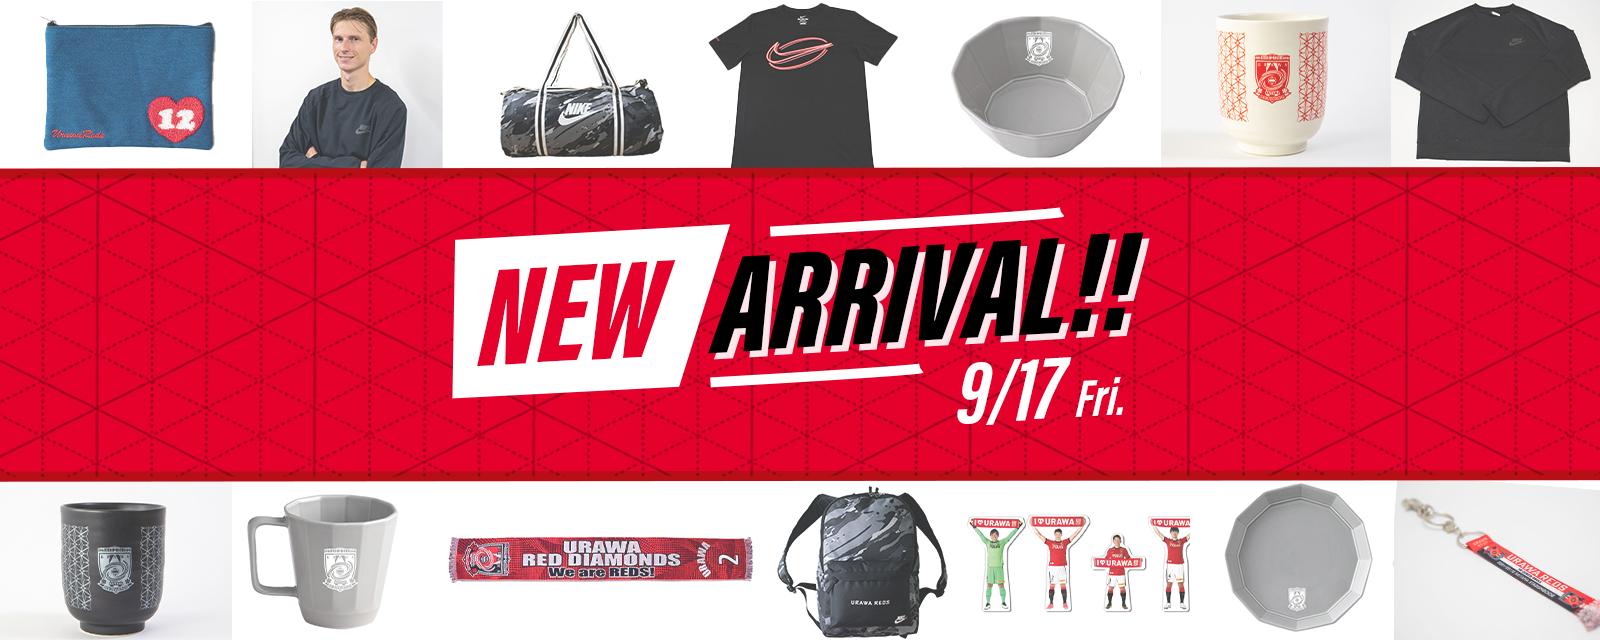 人気のブラインドパッケージ商品や、タオルマフラーに新選手が続々追加!